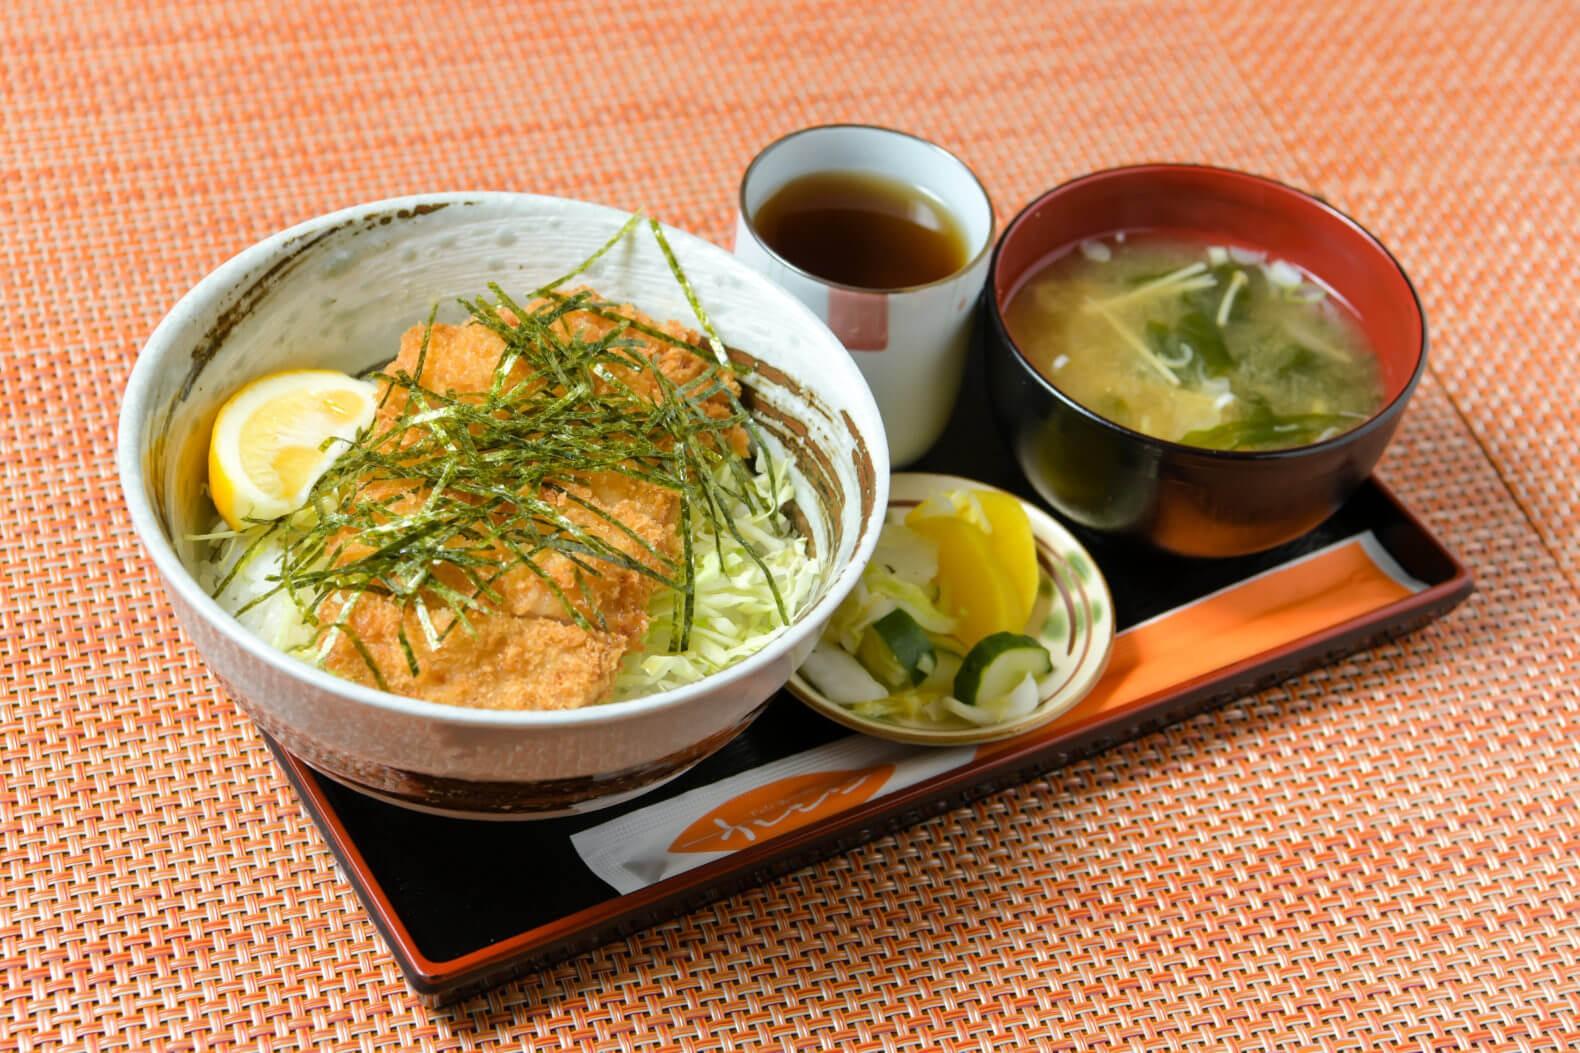 カフェ・レストラン オレンジ